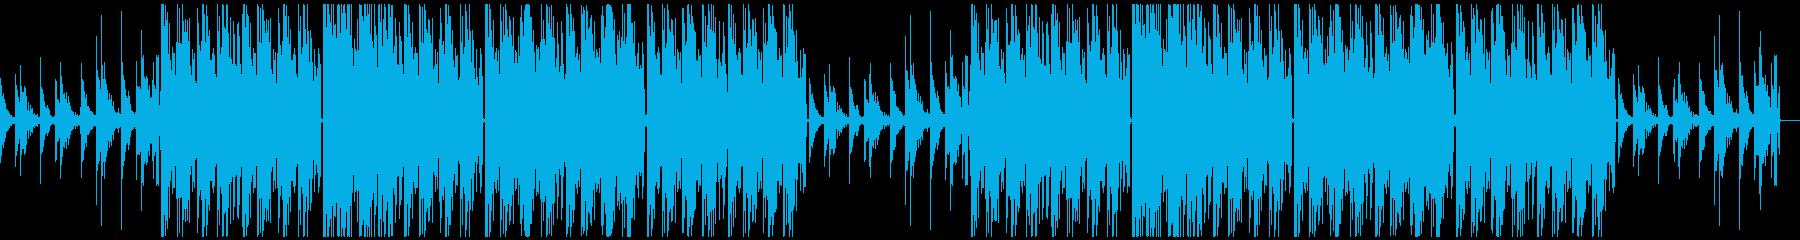 【チル】ゆったりとしたBGM・12の再生済みの波形